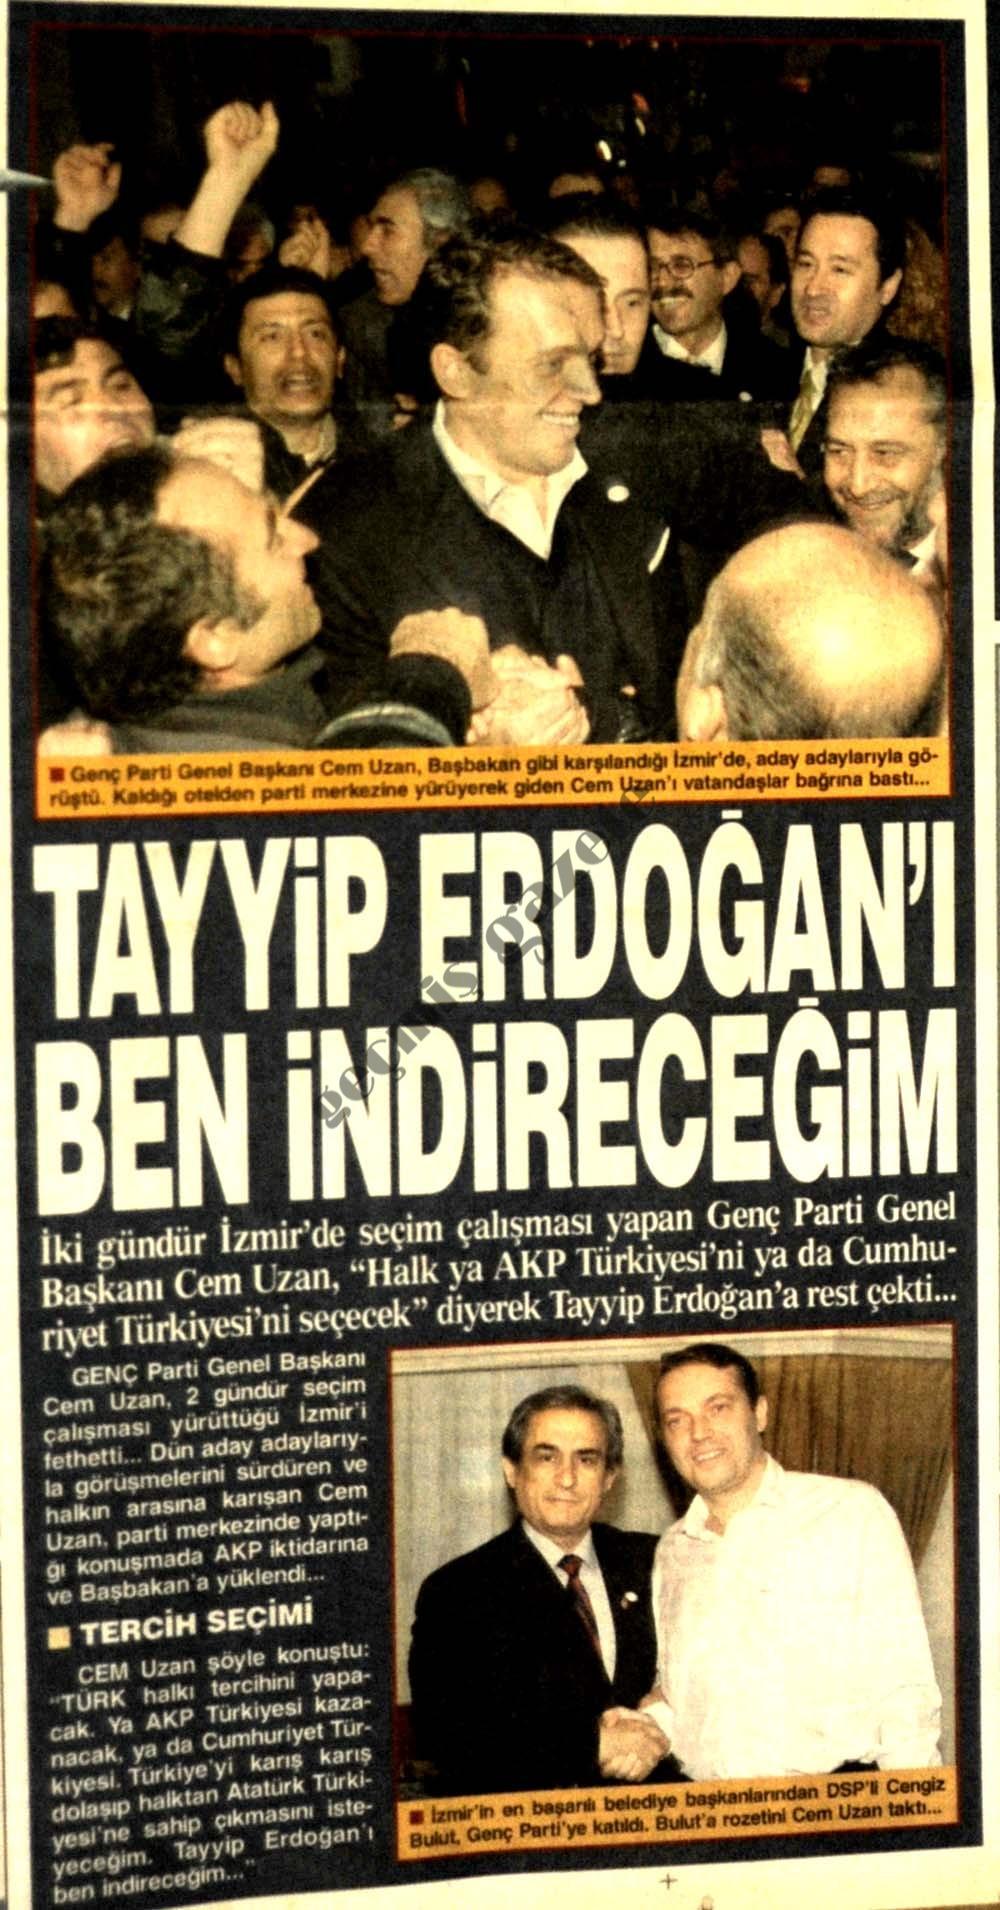 Tayyip Erdoğan'ı ben indireceğim